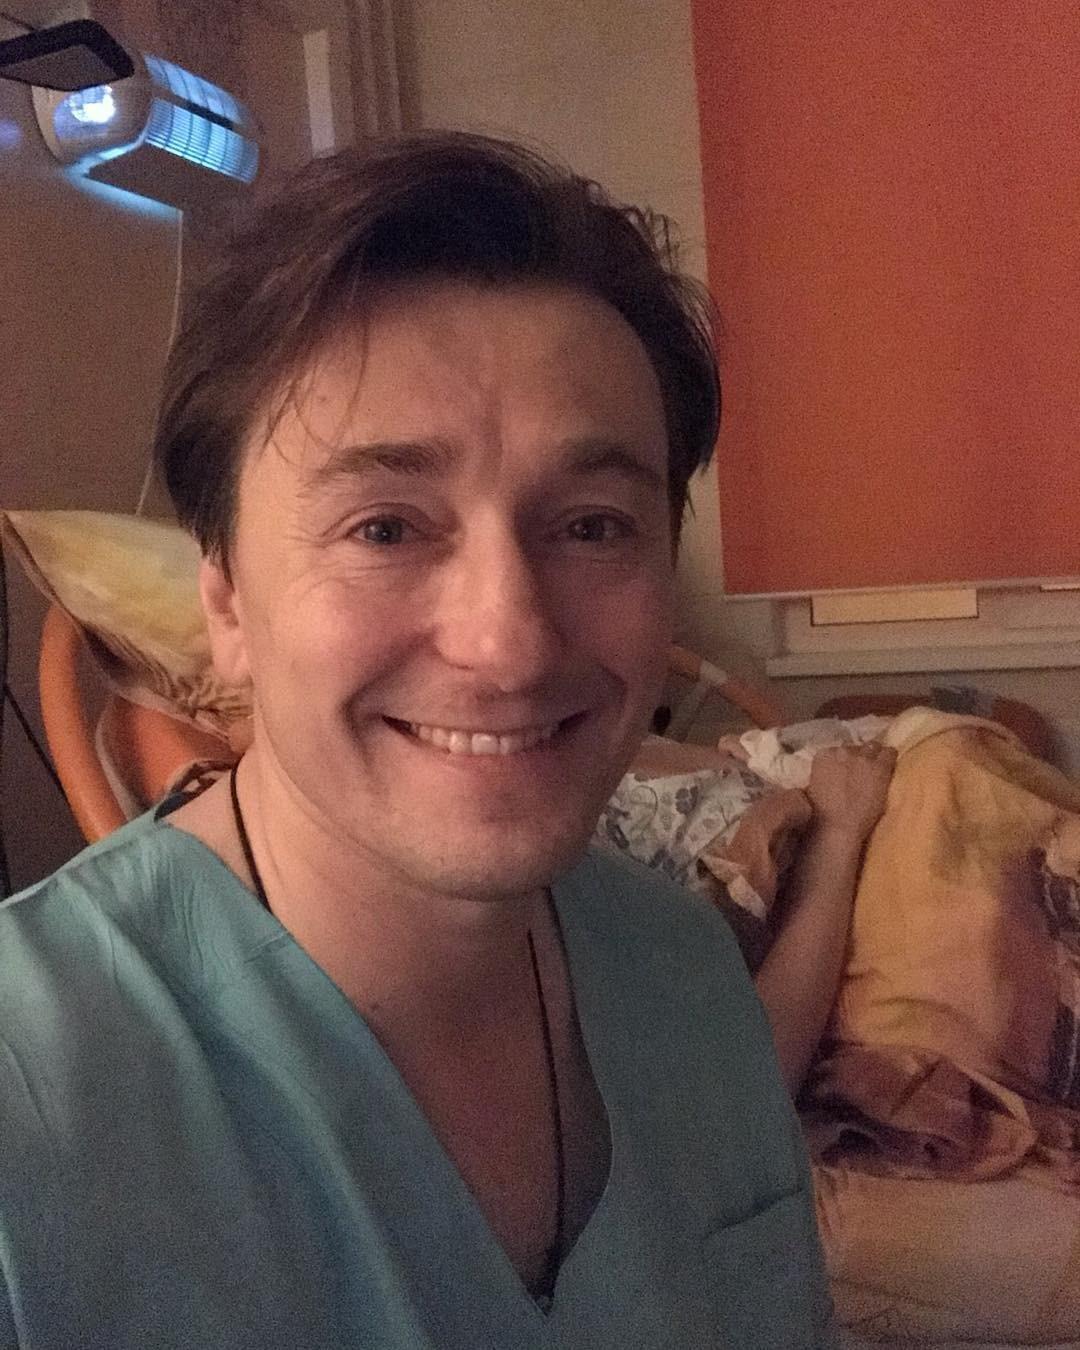 Сергей Безруков поделился с подписчиками своей радостью, выложив фото в Instagram - на снимке актер выглядит очень уставшим, но безумно счастливым. Позади него видно Анну Матисон с новоро...